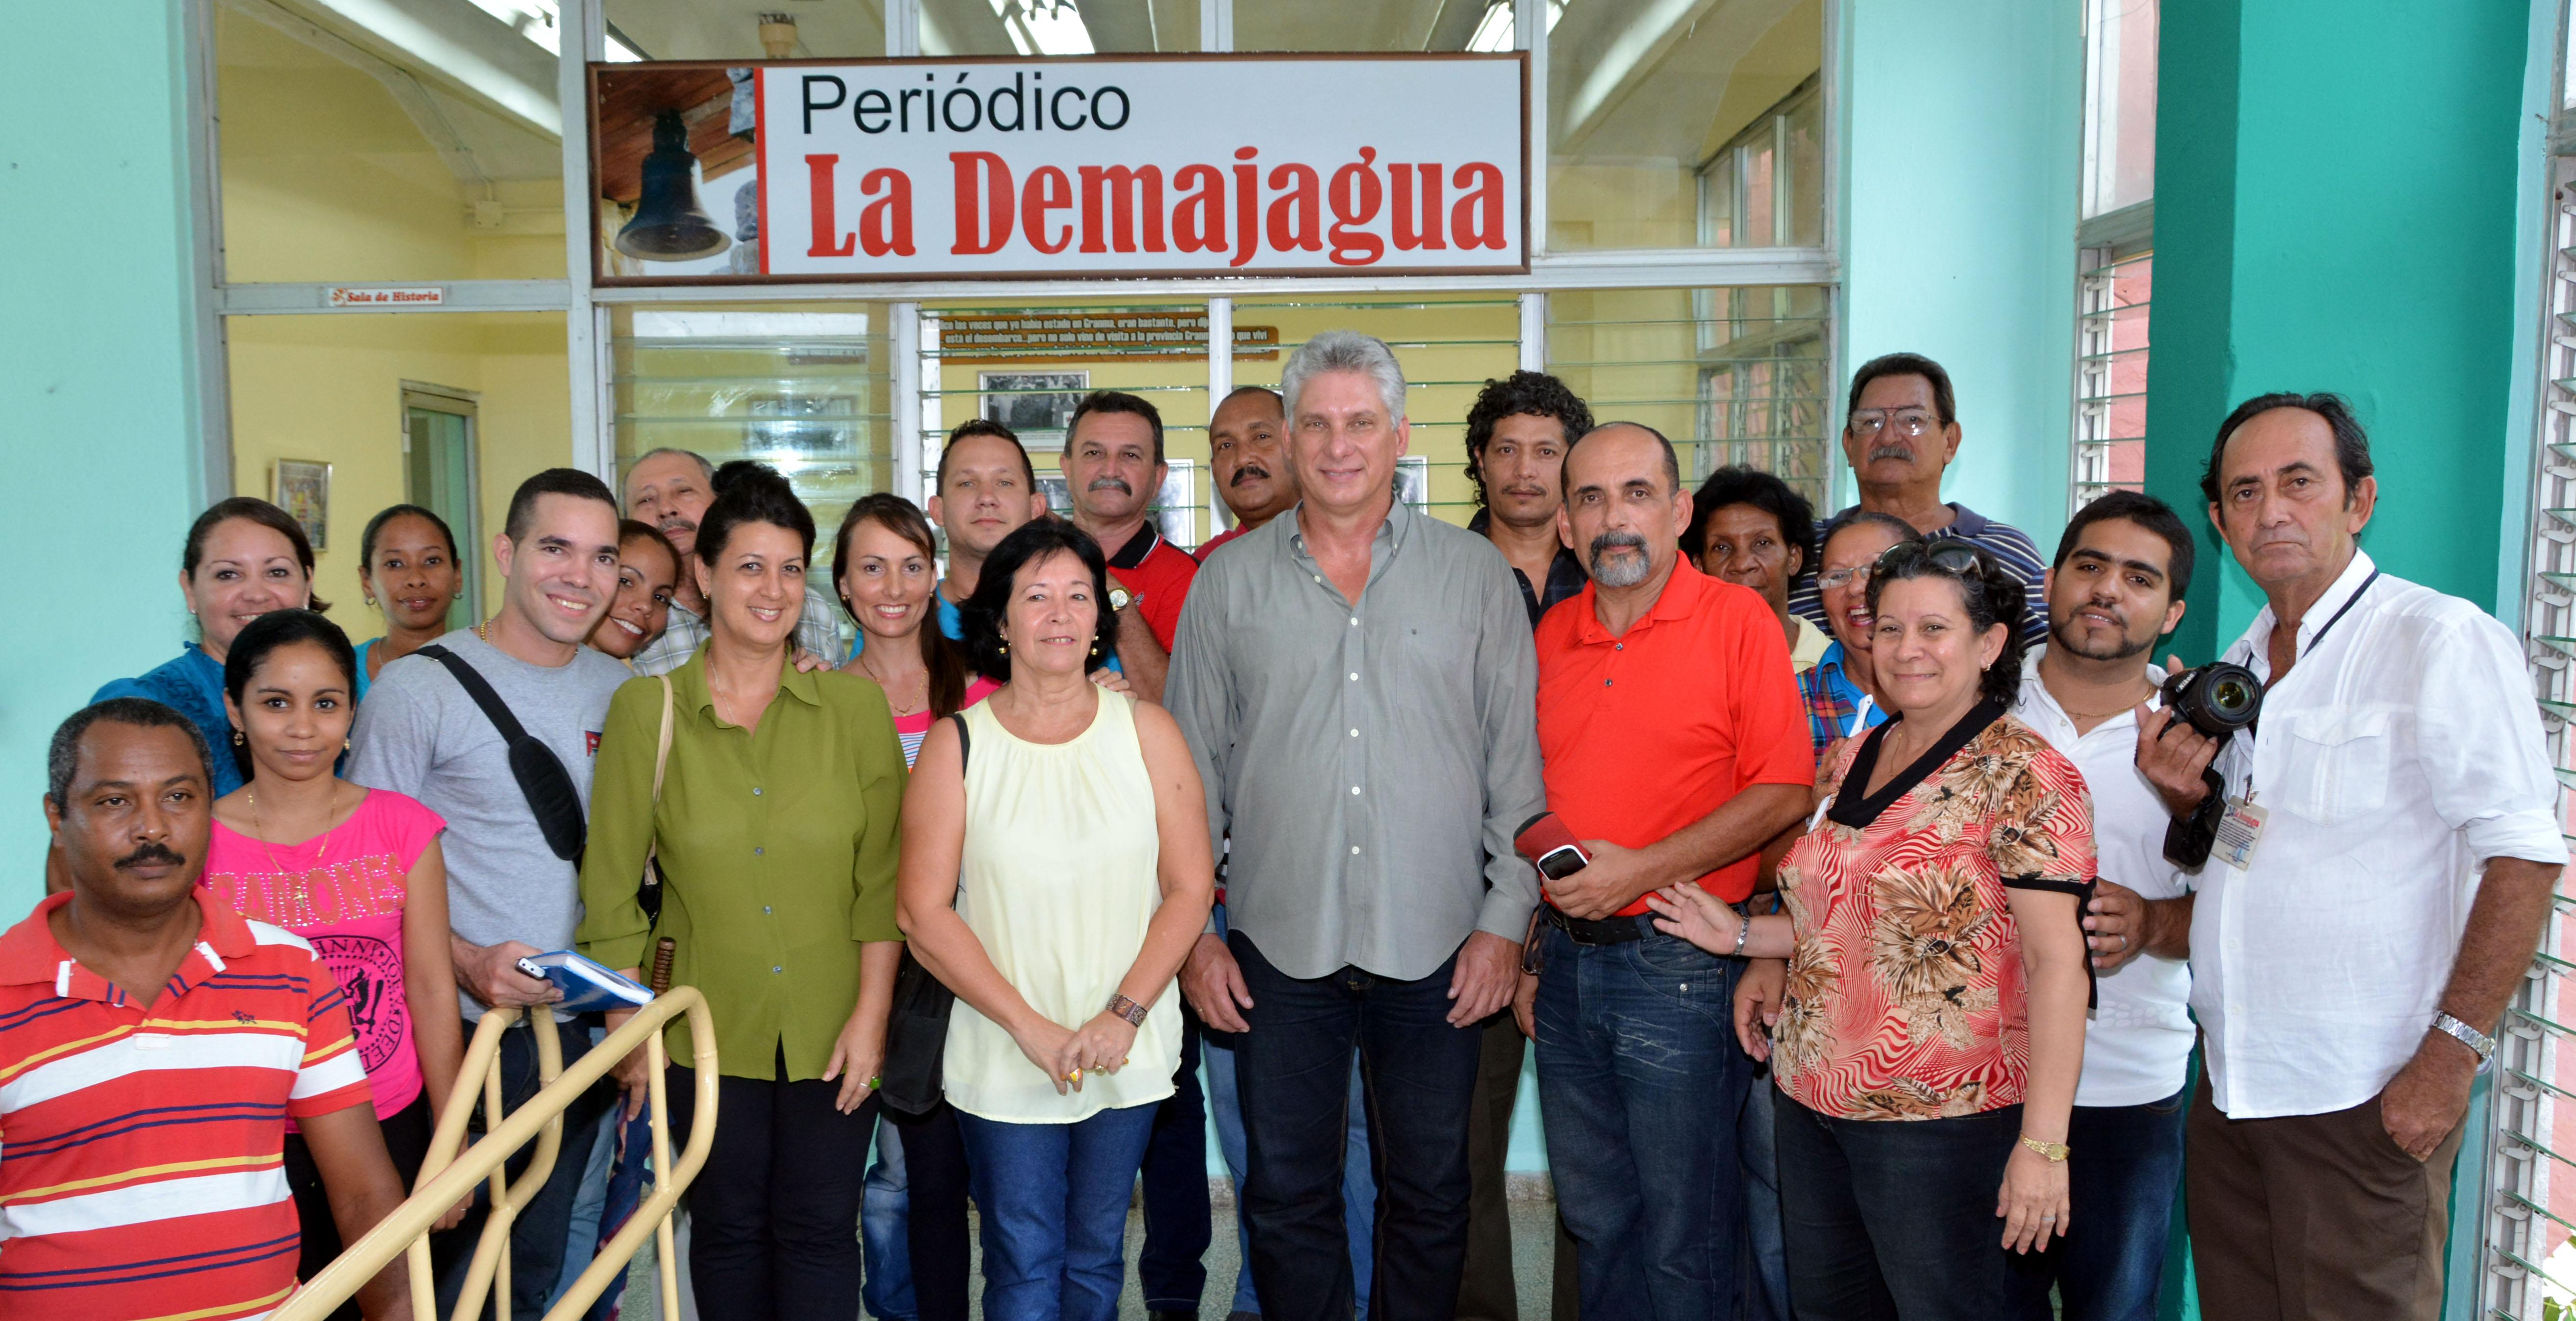 Reconocerán al periódico La Demajagua en su aniversario 40